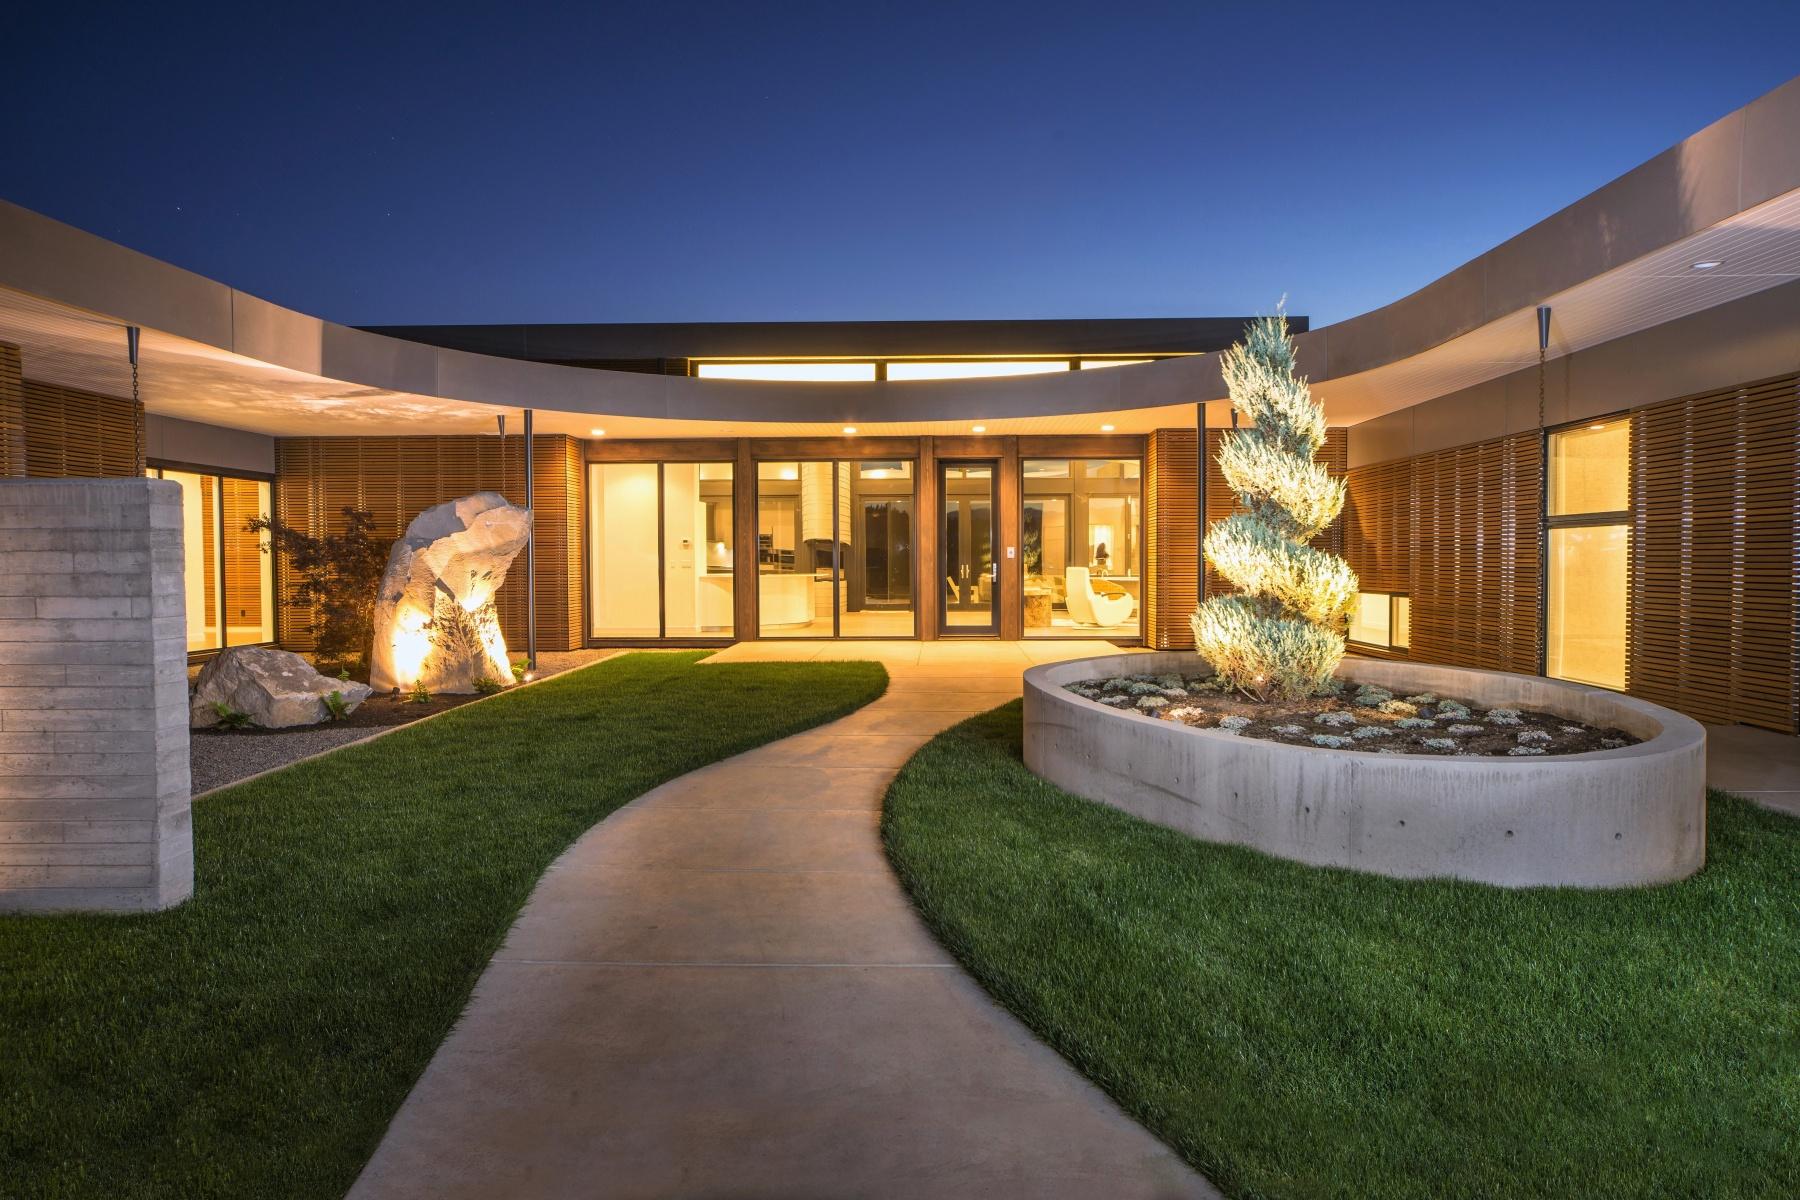 独户住宅 为 销售 在 61623 Hosmer Lake Drive 本德, 俄勒冈州, 97702 美国